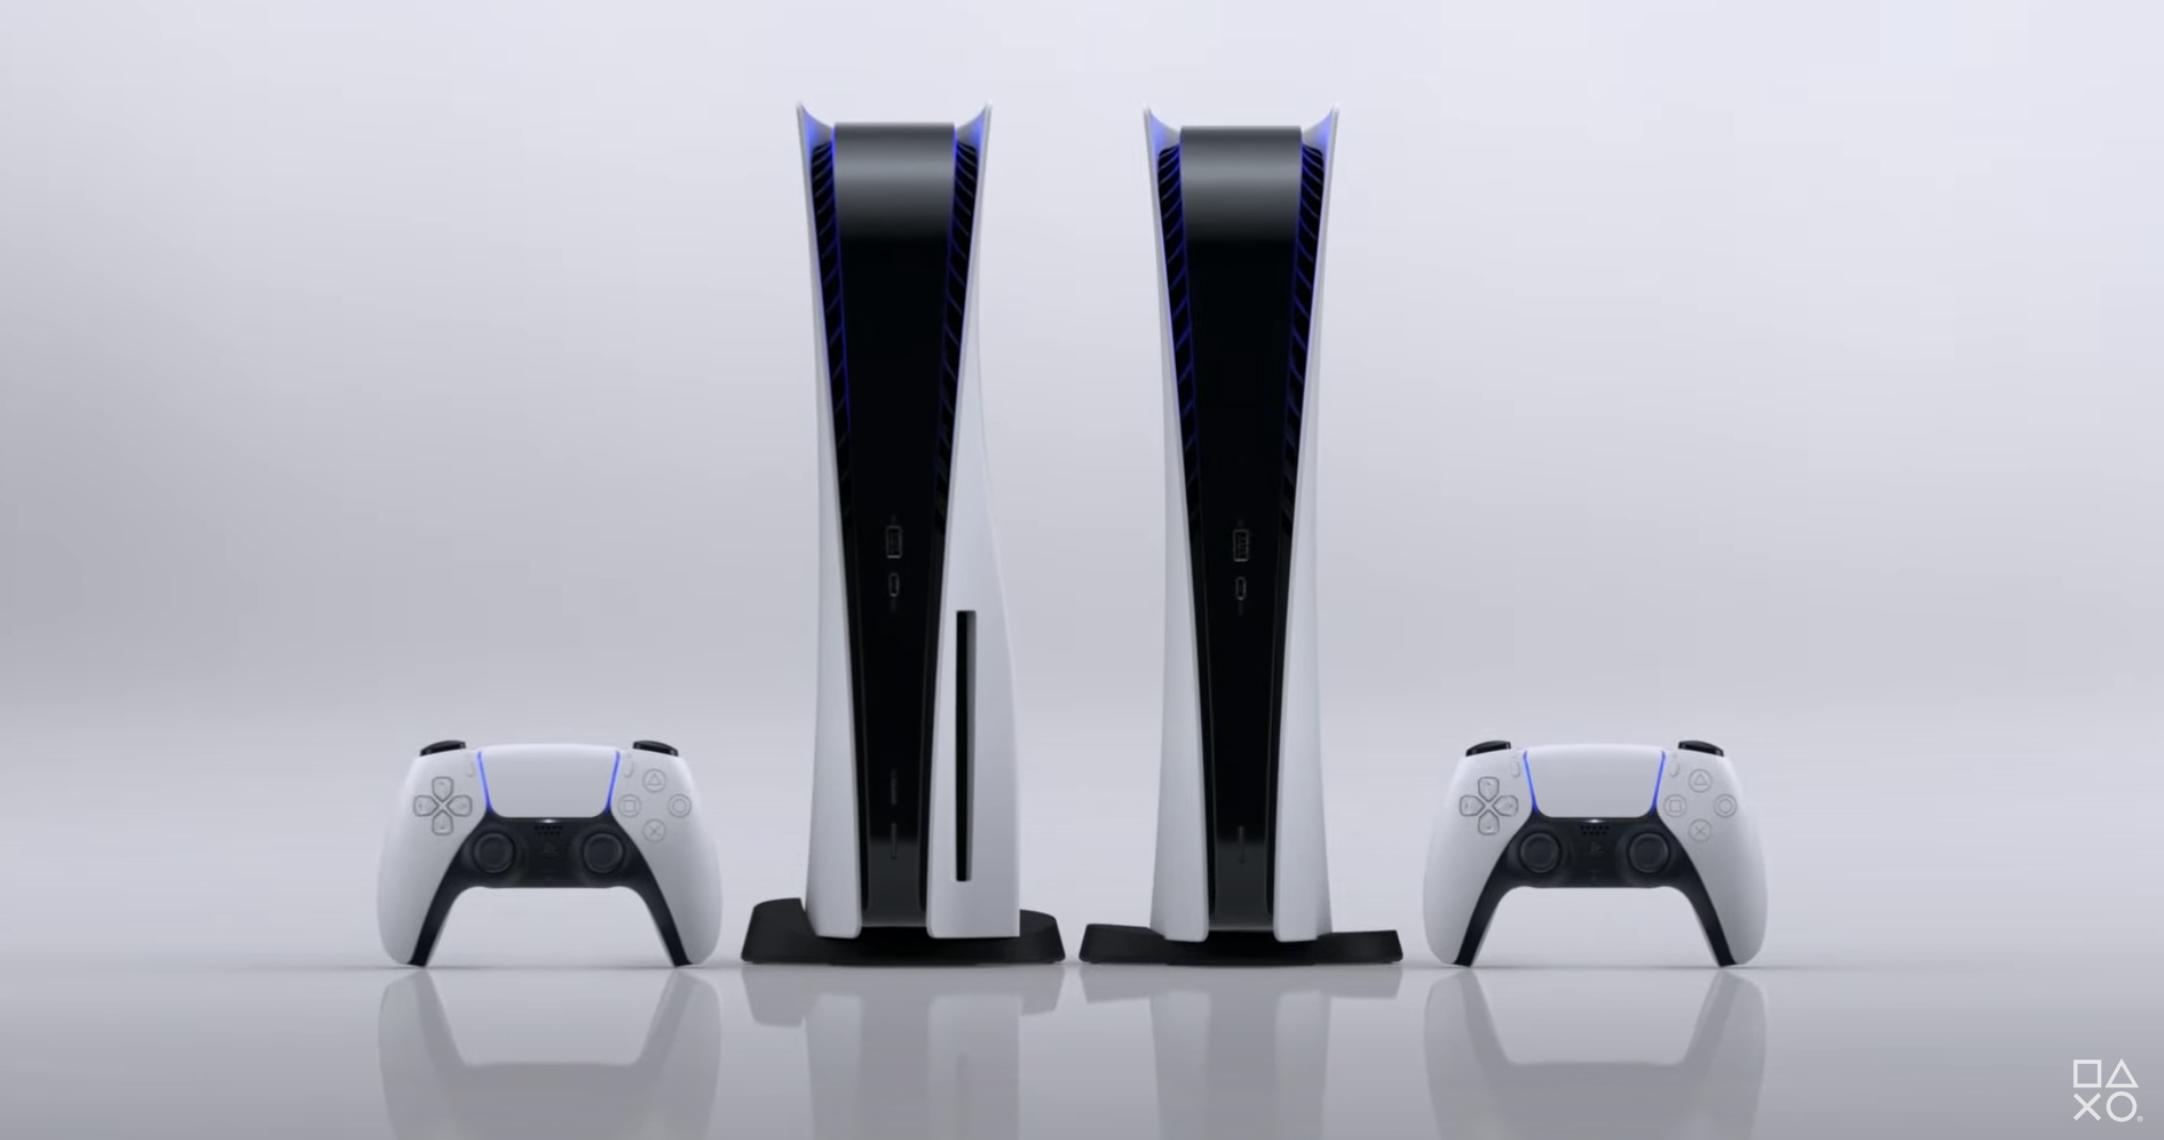 🎮 Презентація Sony PlayStation 5: як виглядатиме консоль та багато нових ігор